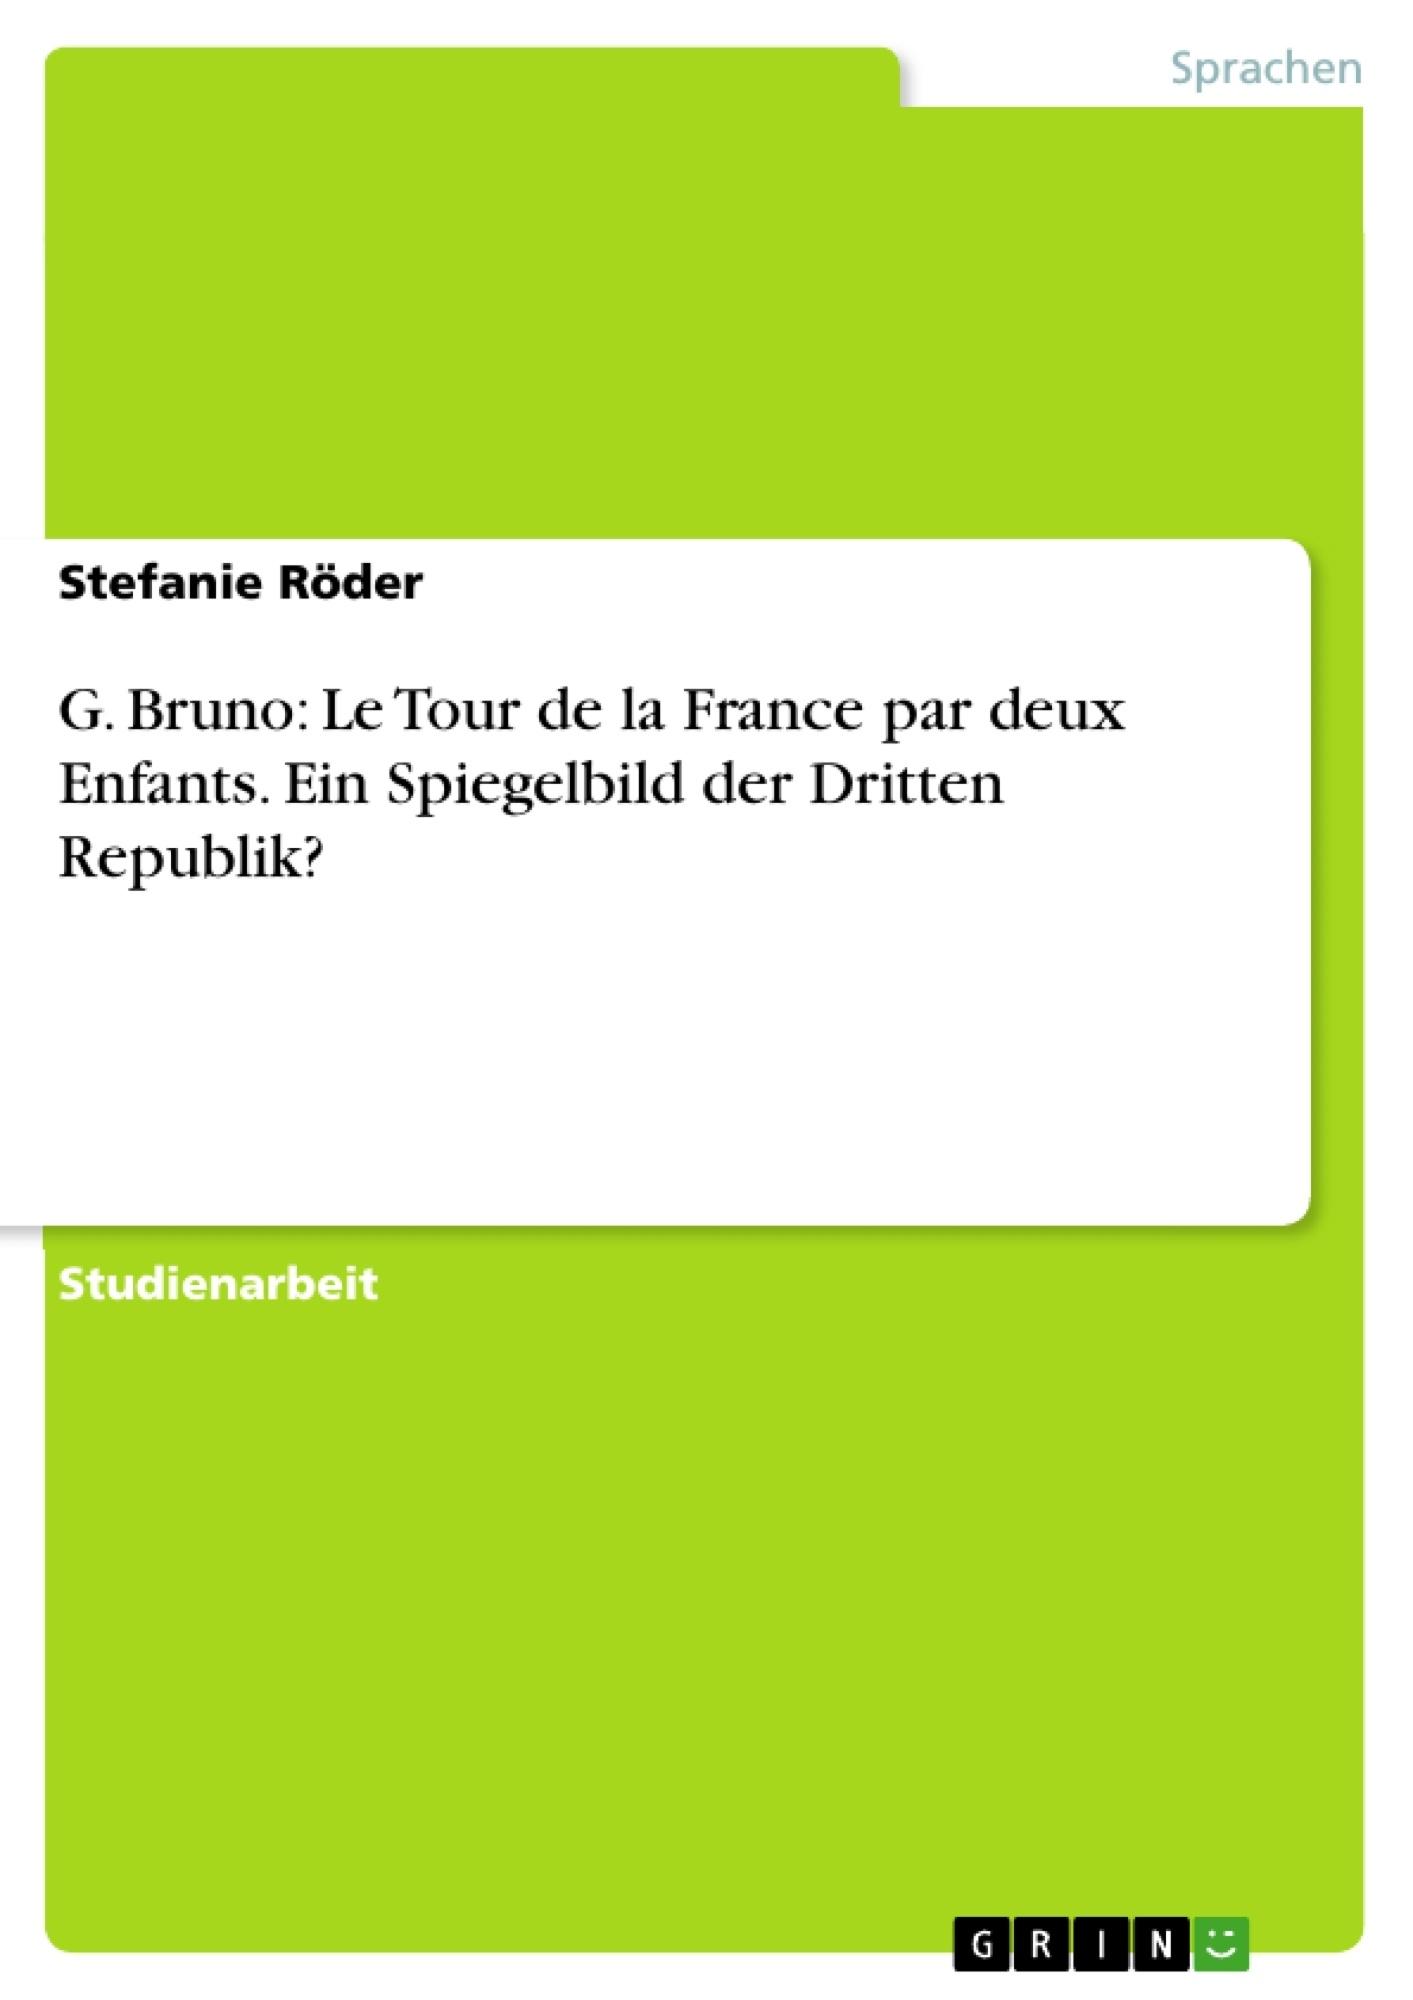 Titel: G. Bruno: Le Tour de la France par deux Enfants. Ein Spiegelbild der Dritten Republik?